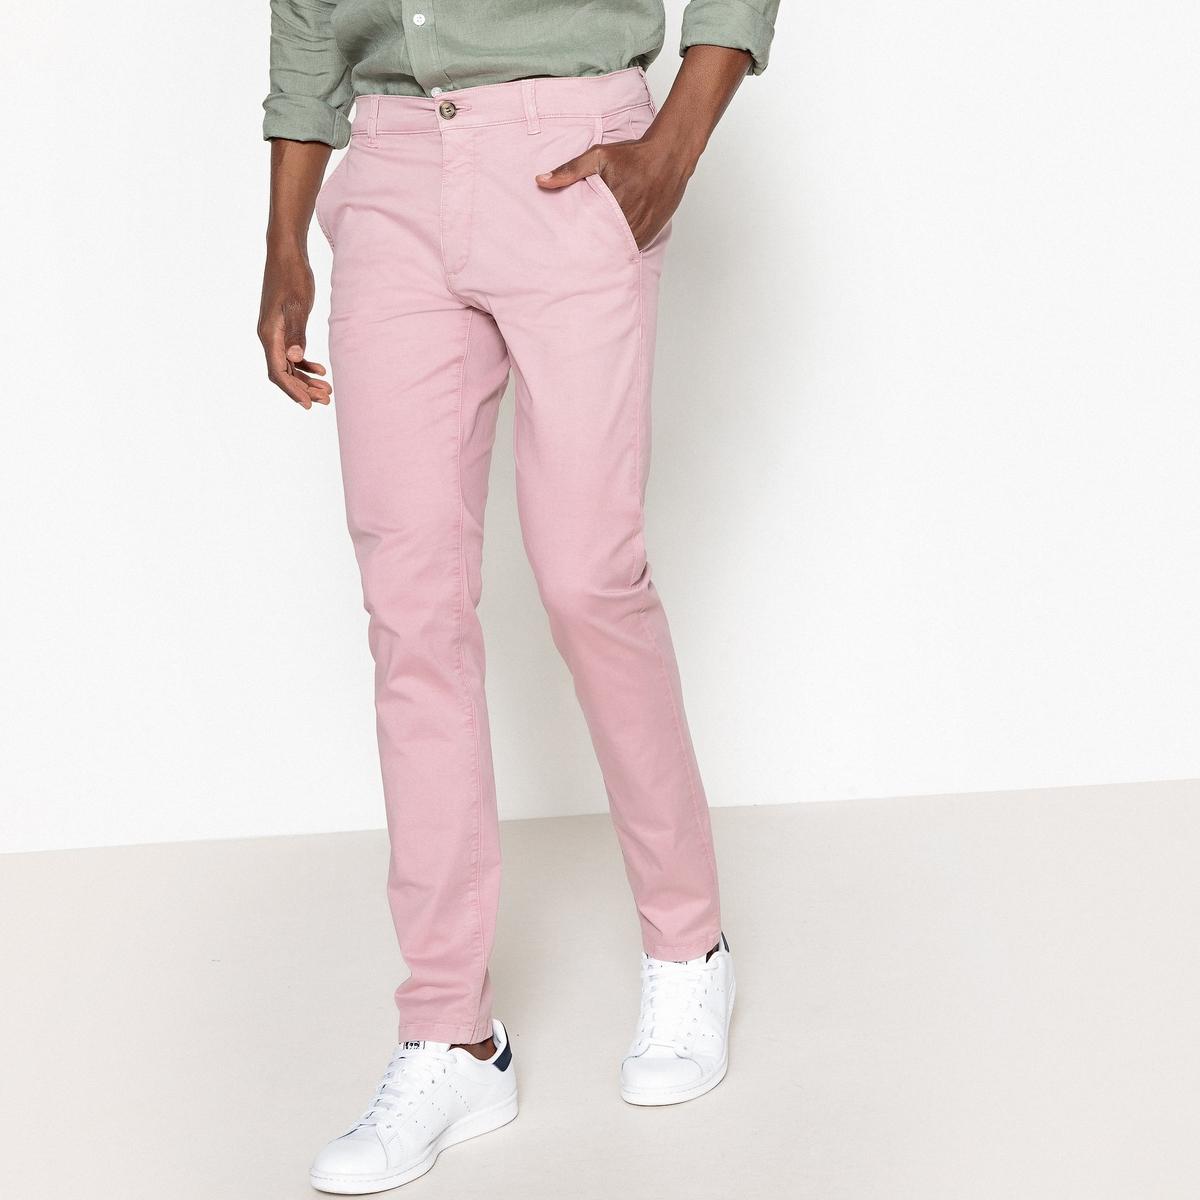 Брюки-чино La Redoute La Redoute 38 (FR) - 44 (RUS) розовый брюки чино la redoute la redoute 38 fr 44 rus синий